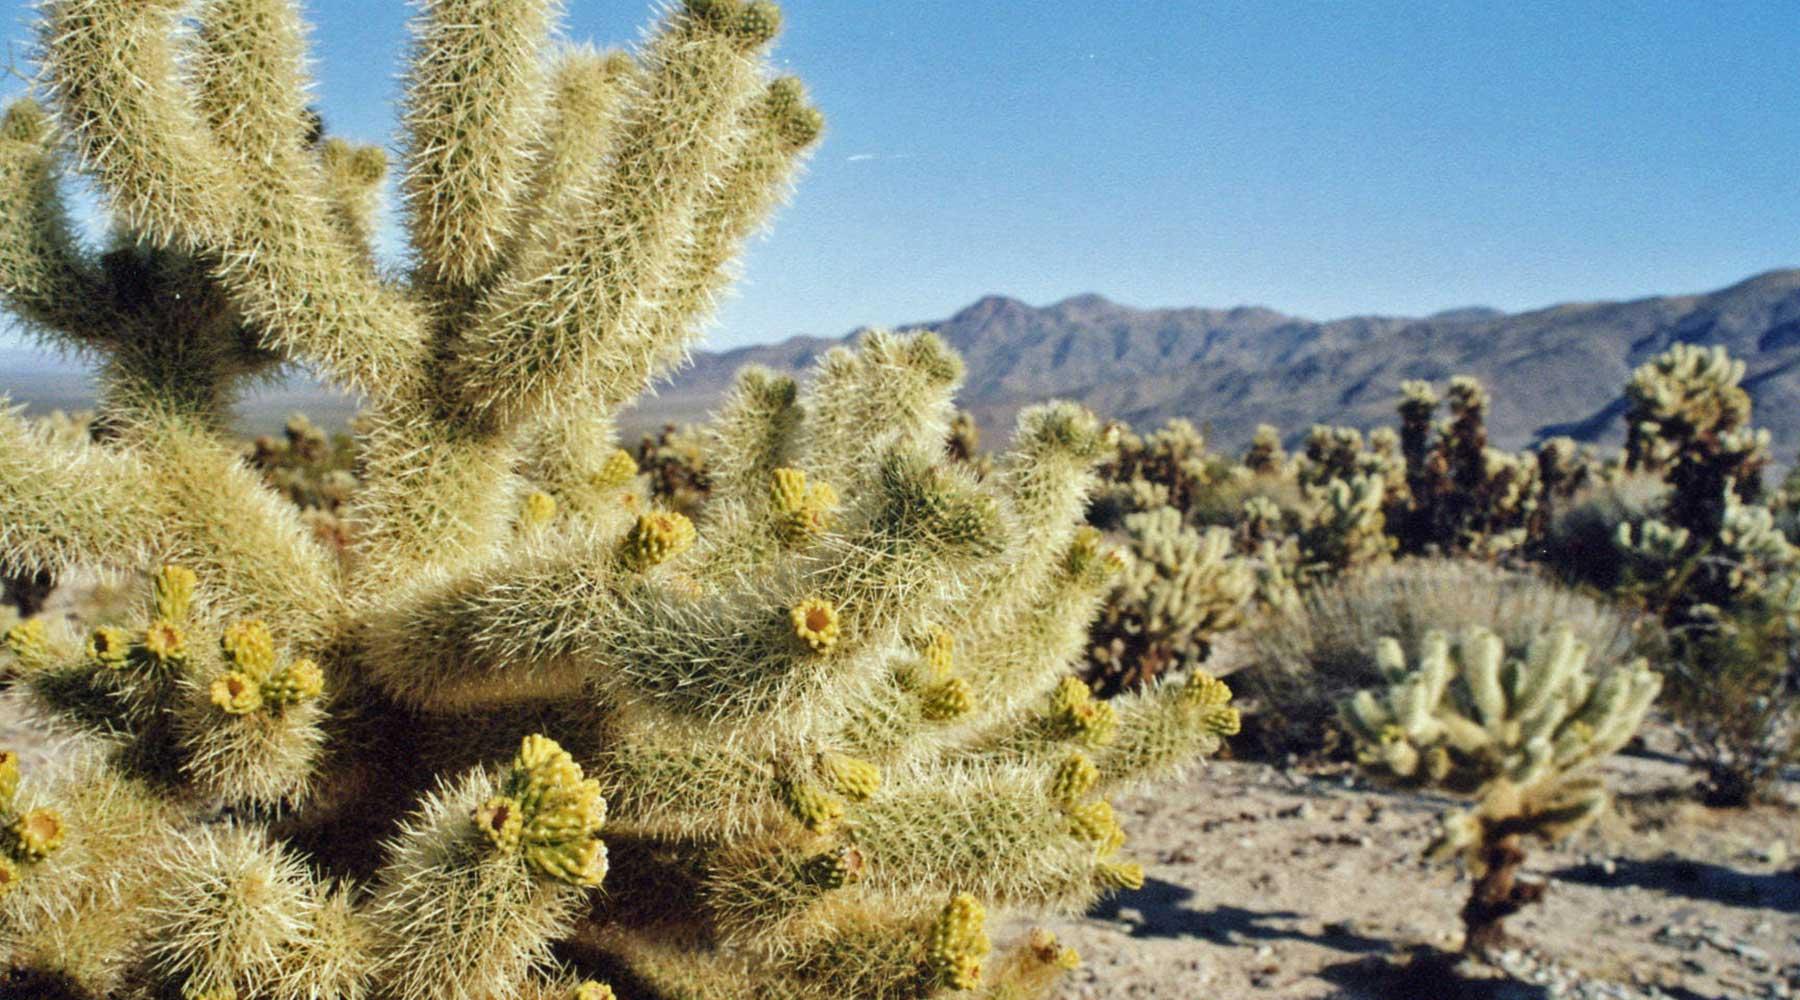 Joshua tree, chinook voyages, aventure, randonnée, trek, déserts, ouest américain, death valley en randonnée